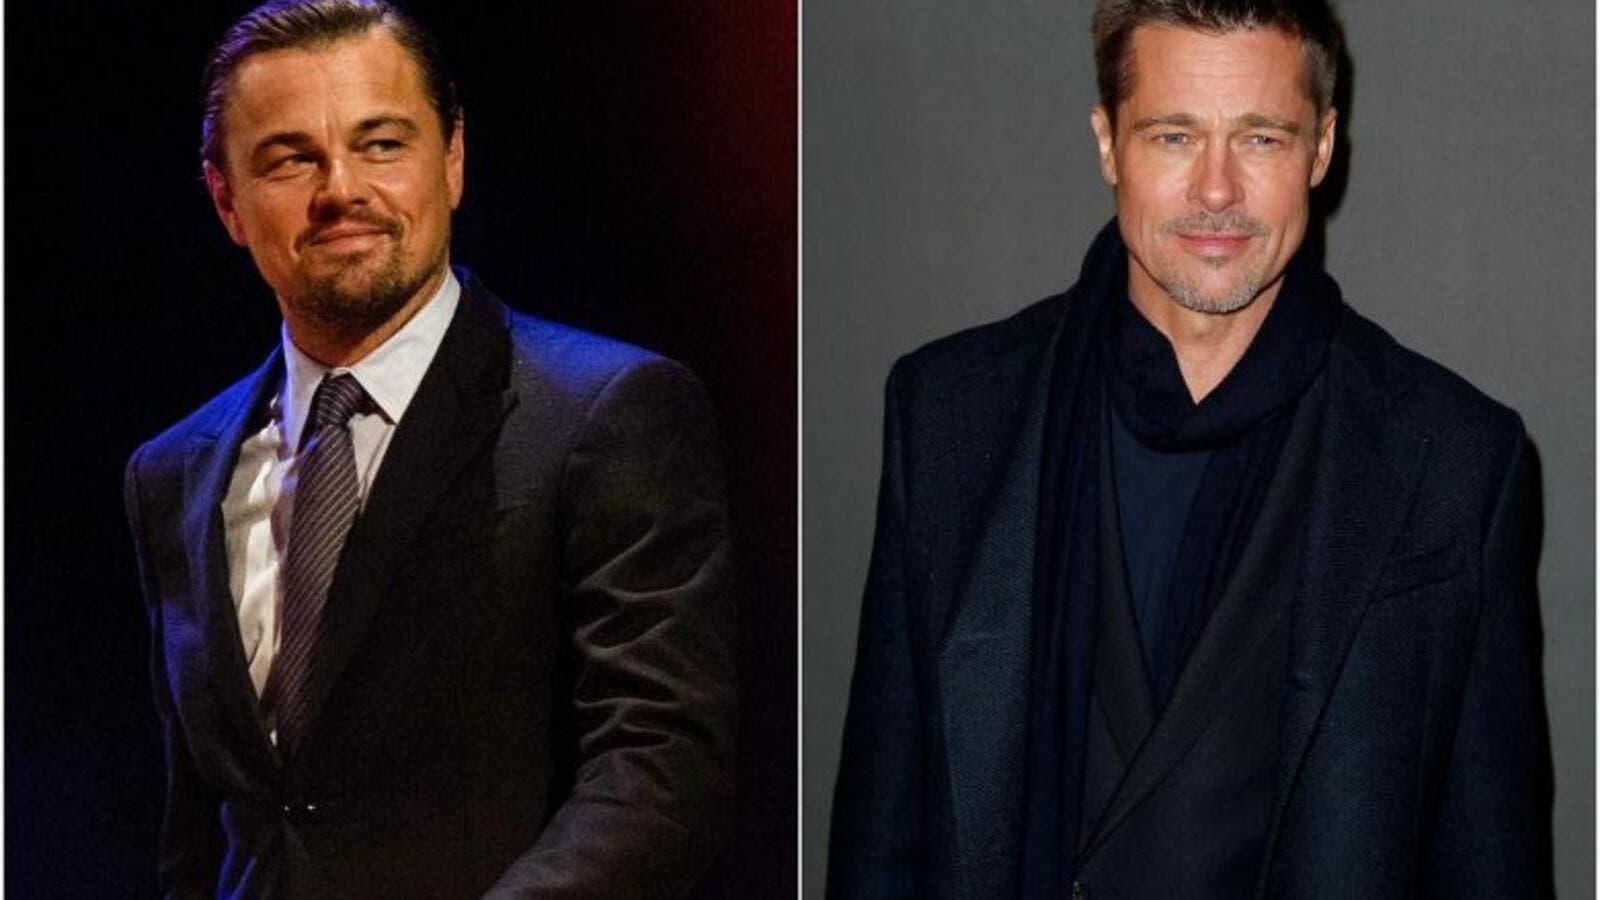 movie 2019 brad pitt Will Sony Postpone Leonardo DiCaprio Brad Pitt Movie Till